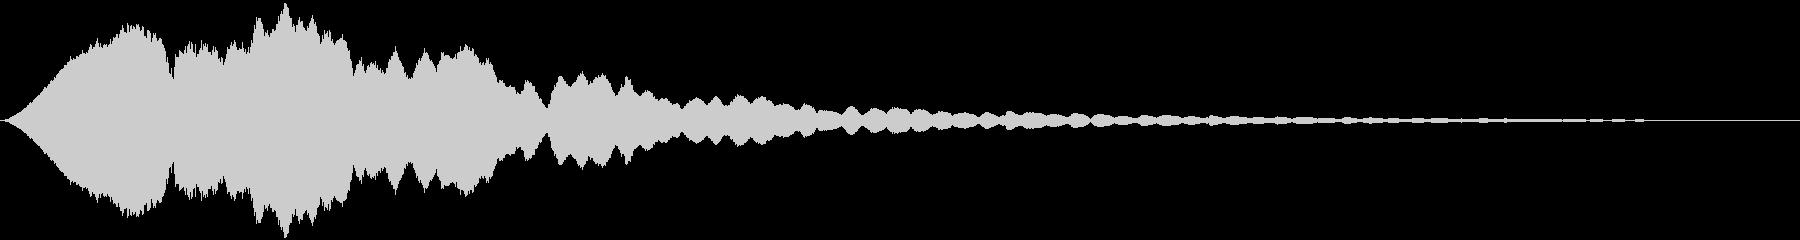 【ゲーム】キーン・・・の未再生の波形